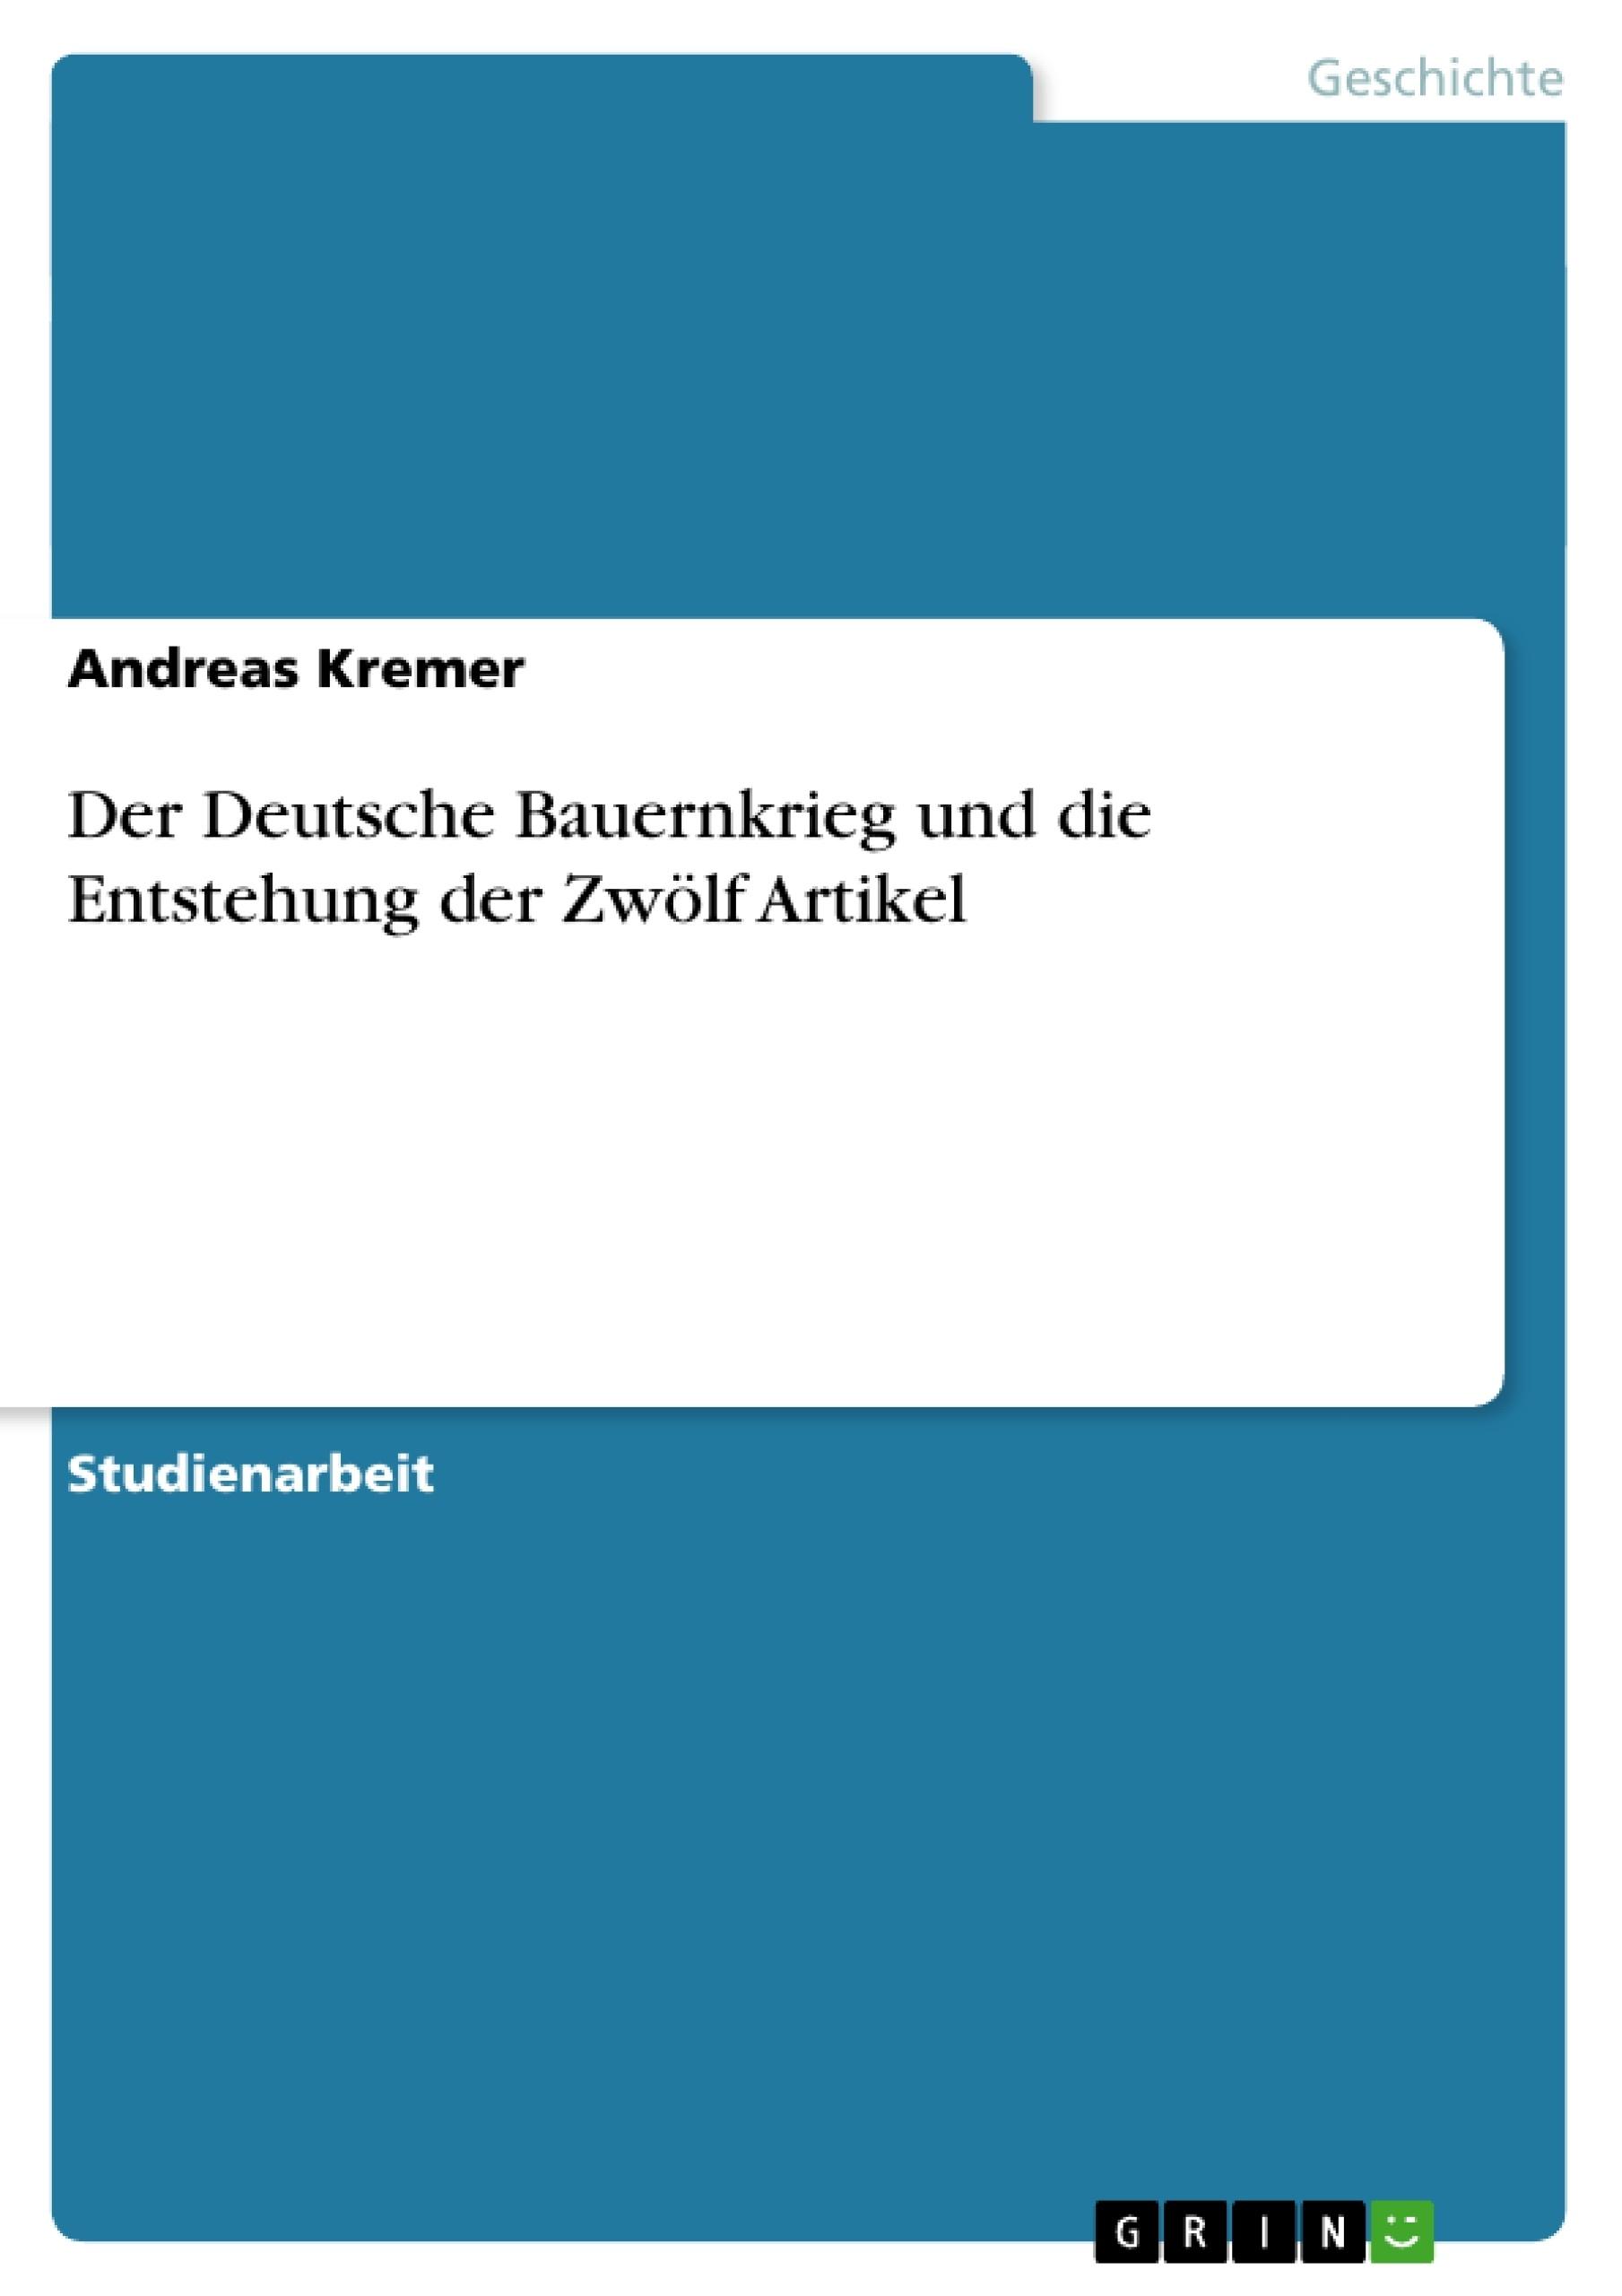 Titel: Der Deutsche Bauernkrieg und die Entstehung der Zwölf Artikel